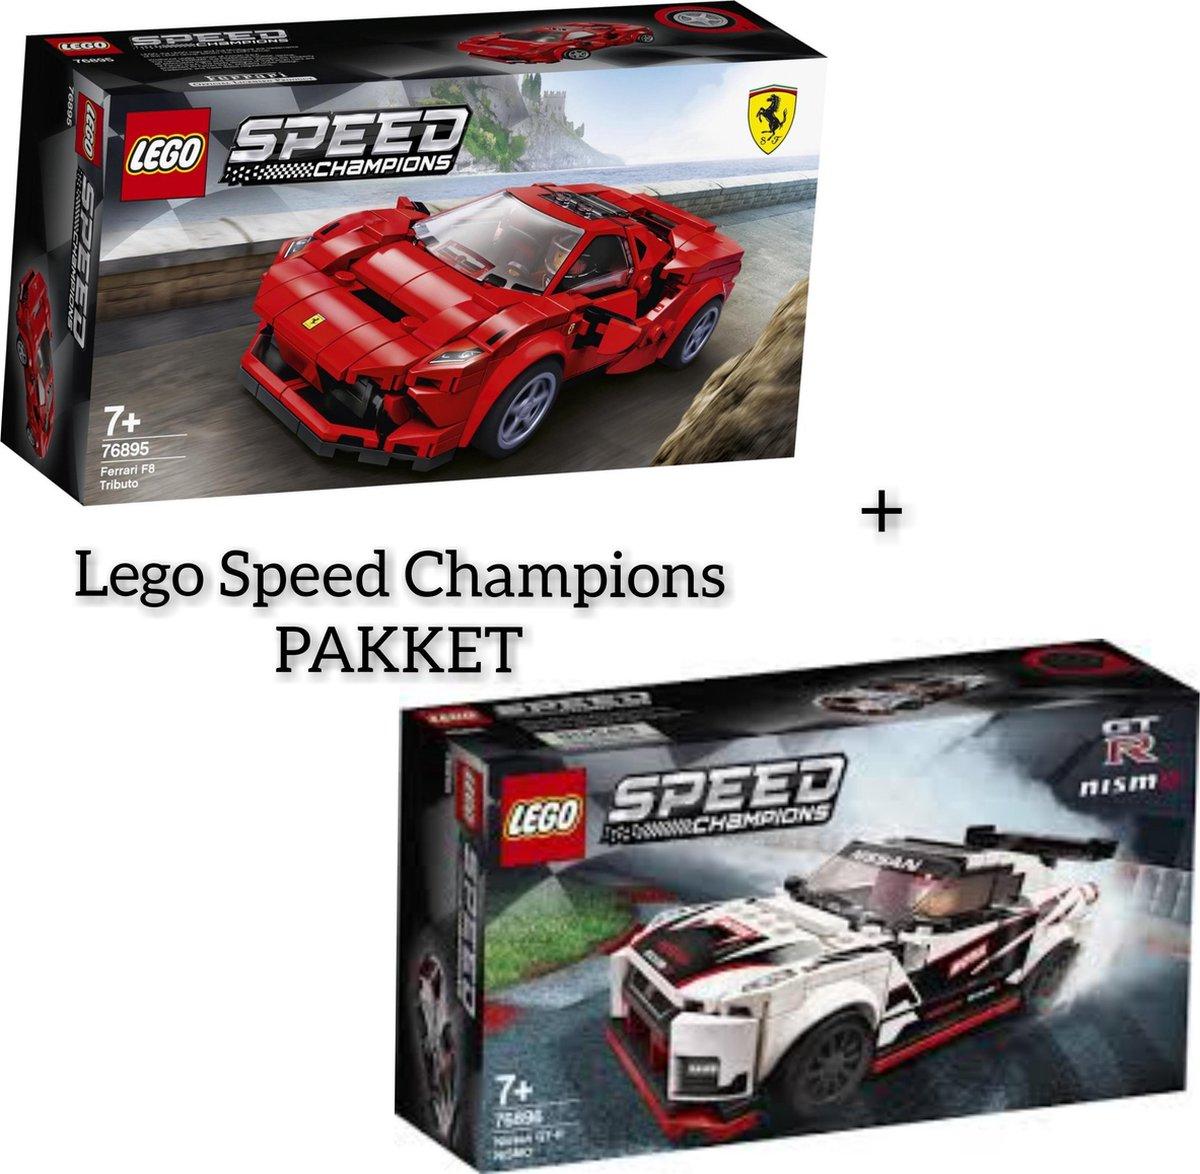 Lego pakket Lego Speed Champions / Lego 76896 + Lego 76895